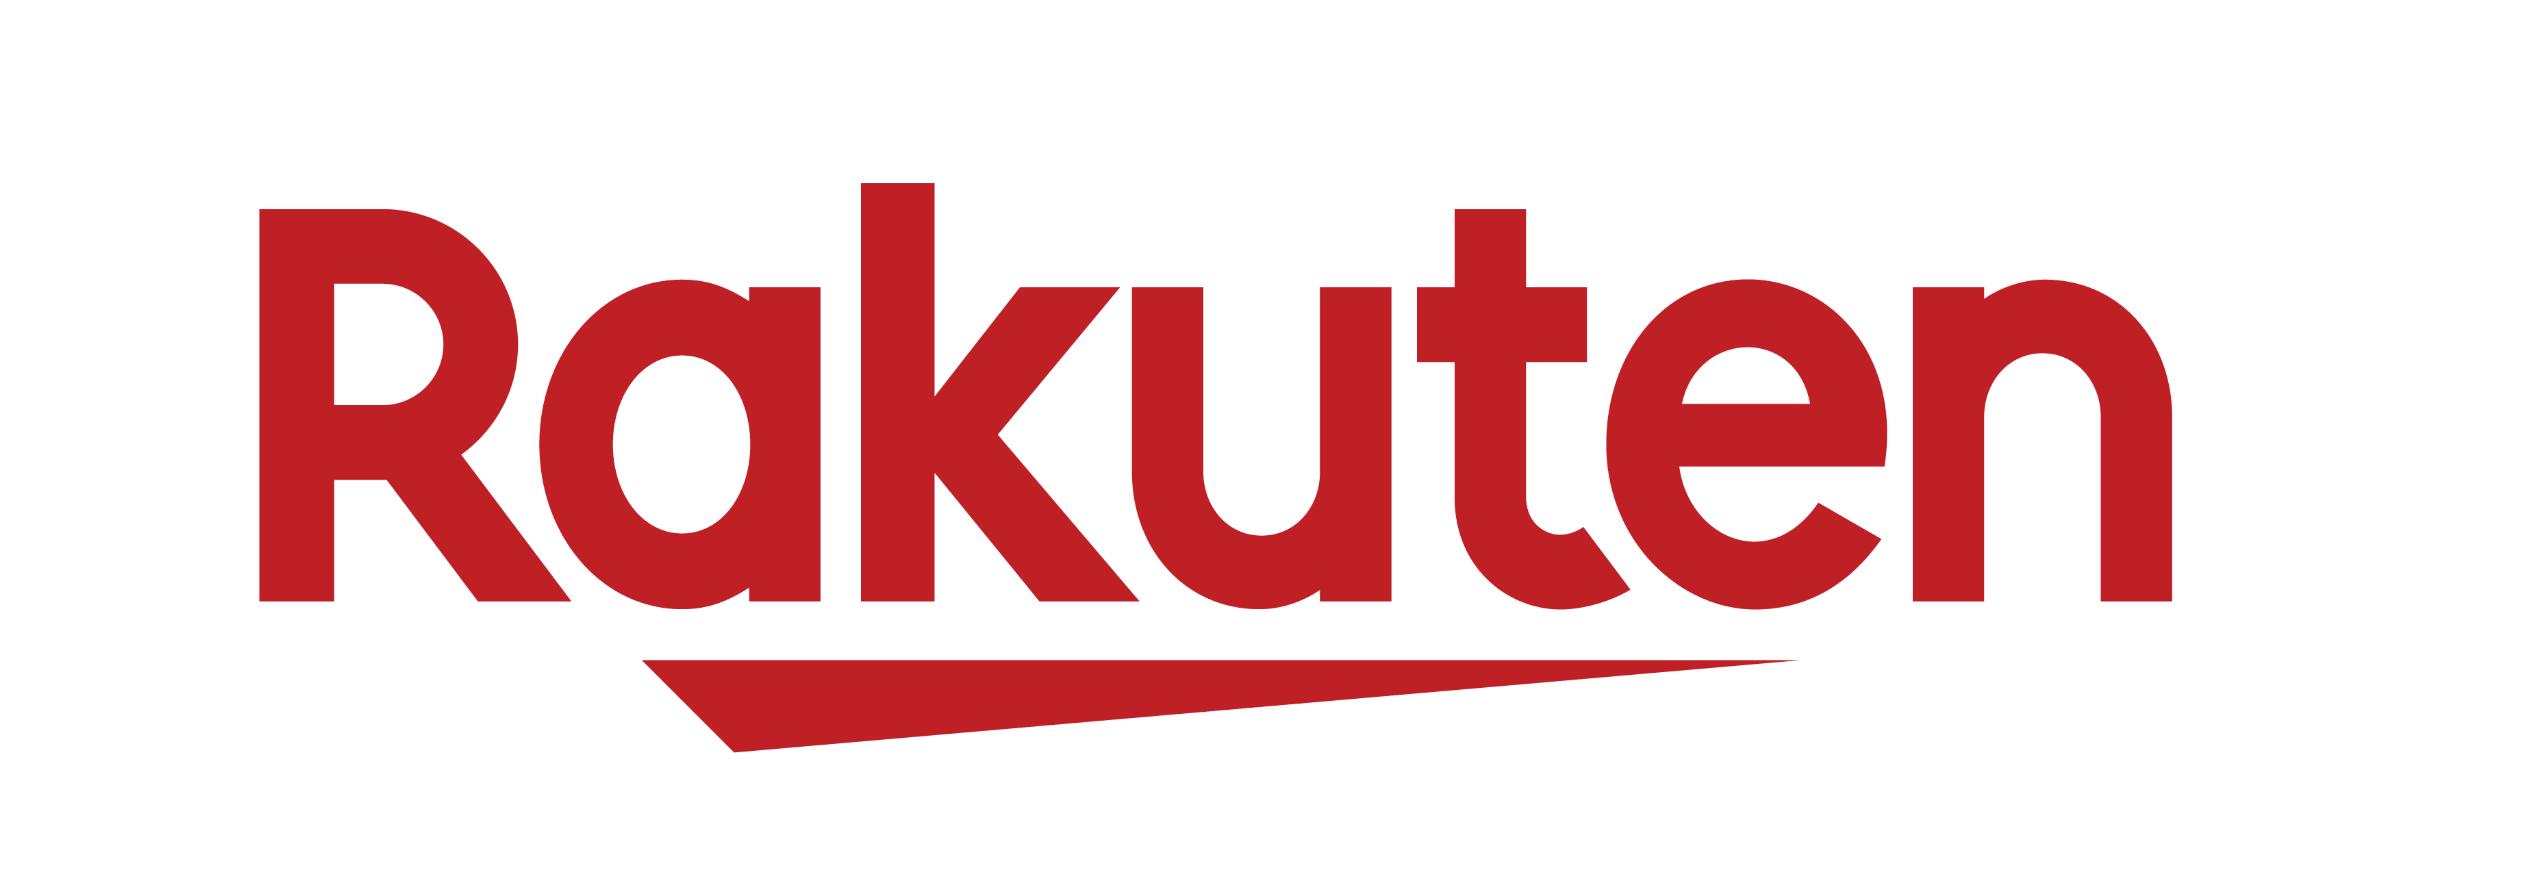 Rakuten_logo_edited